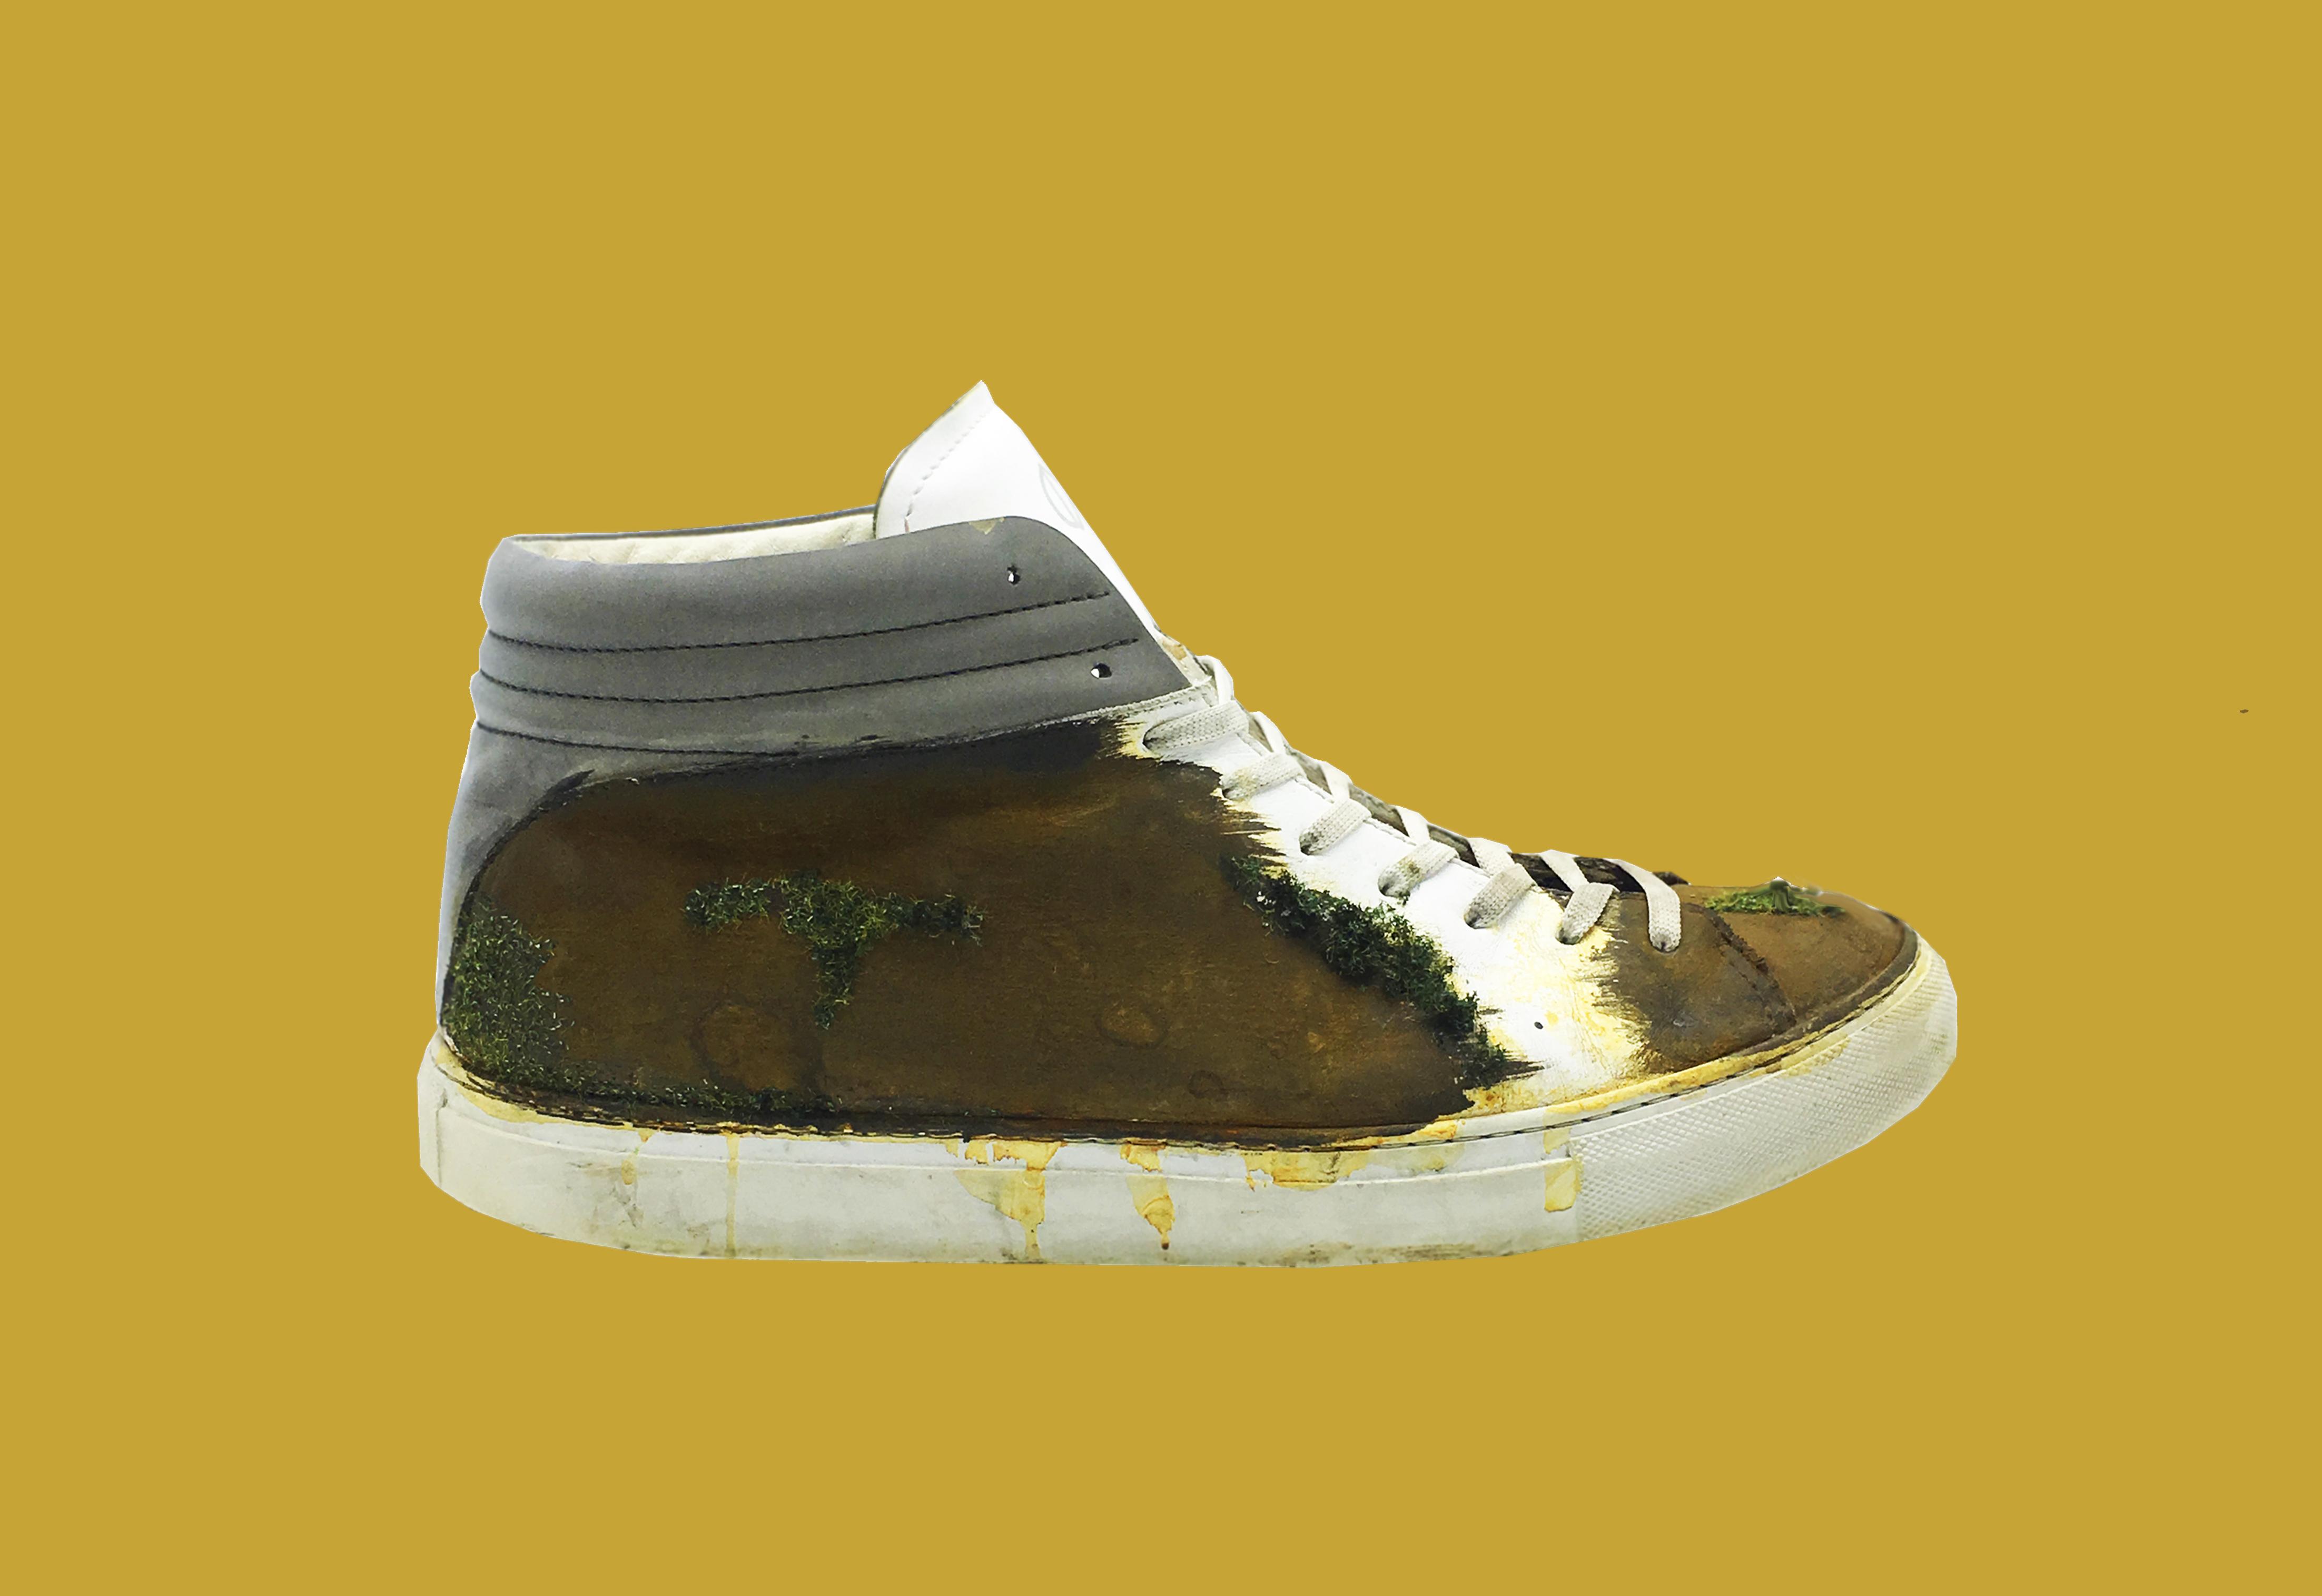 nat-2 Sleek real rust moss Sneaker 2 plain bck Kopie